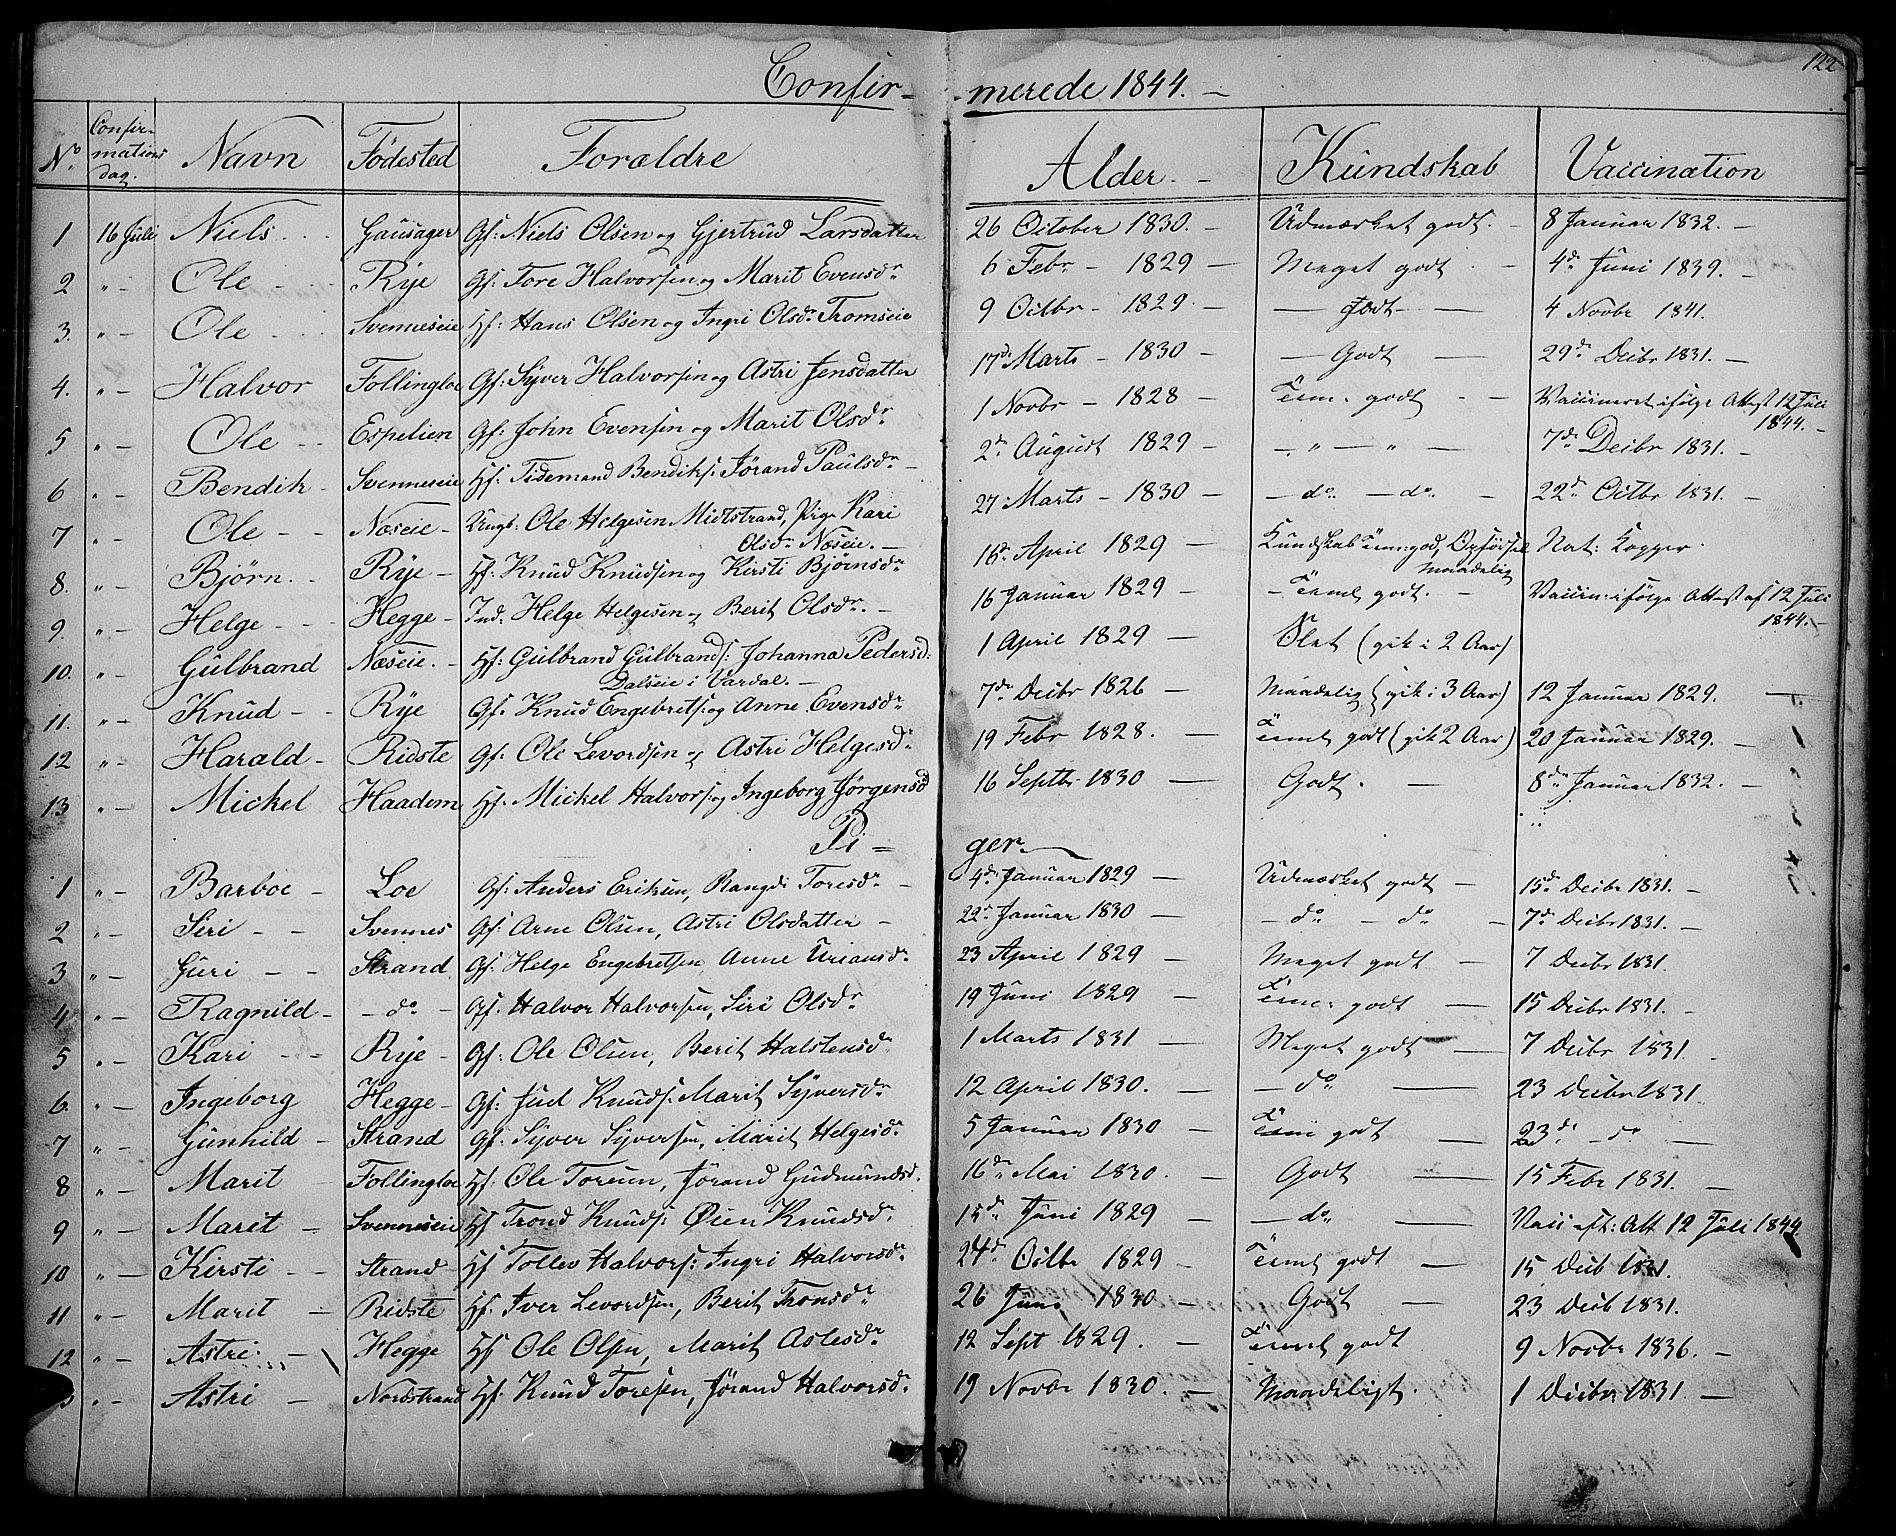 SAH, Nord-Aurdal prestekontor, Klokkerbok nr. 3, 1842-1882, s. 122